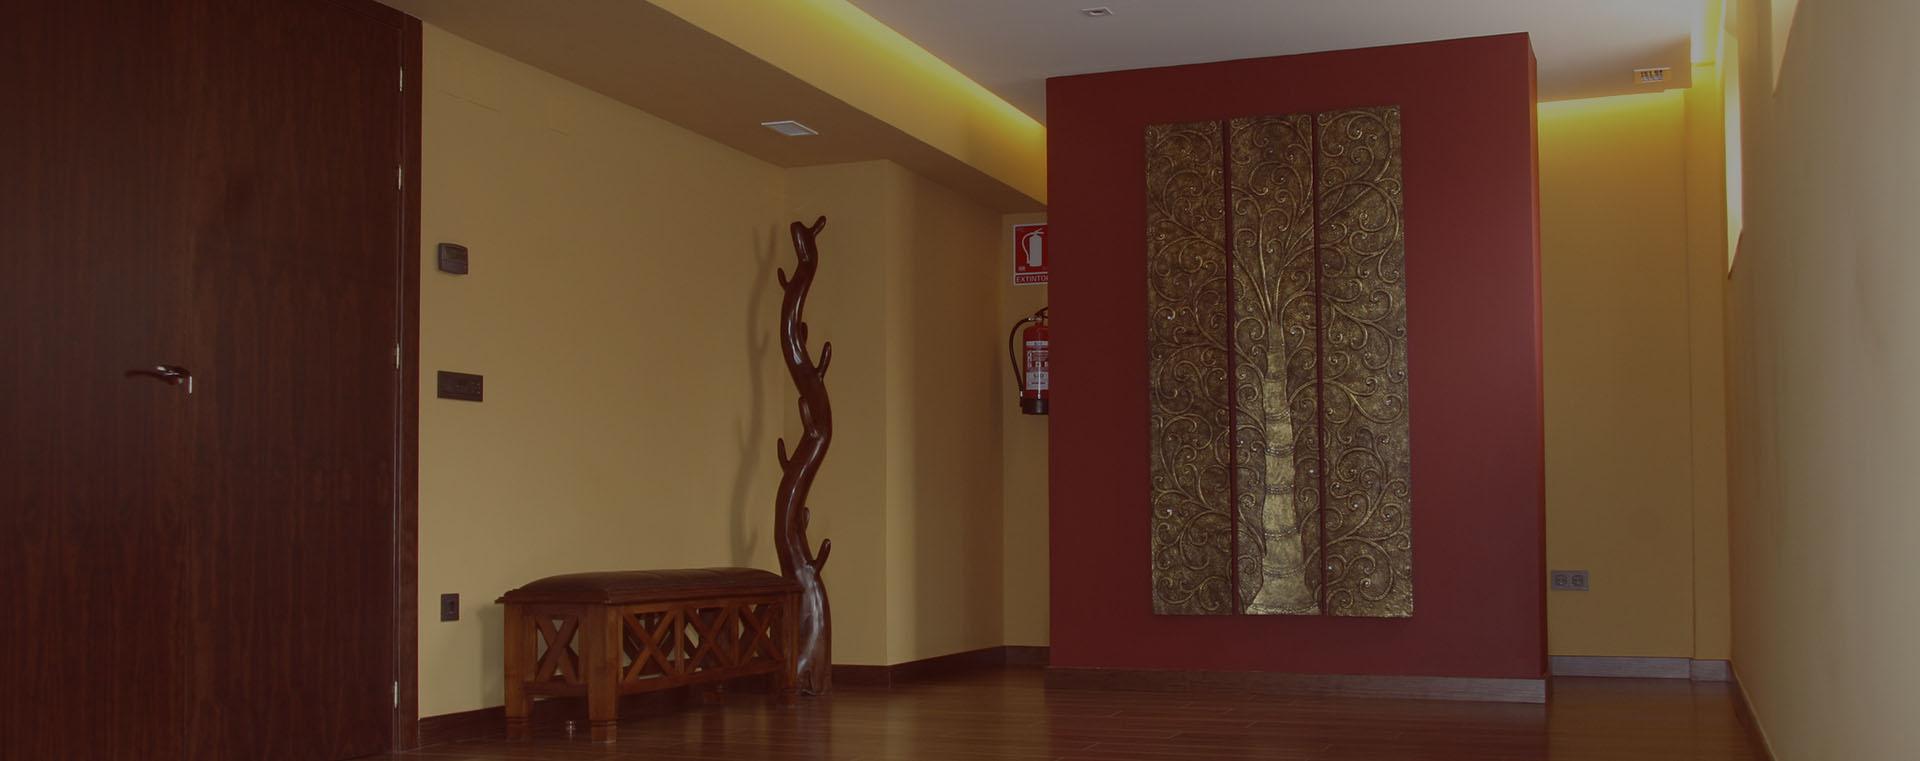 alquiler de salas en Valladolid